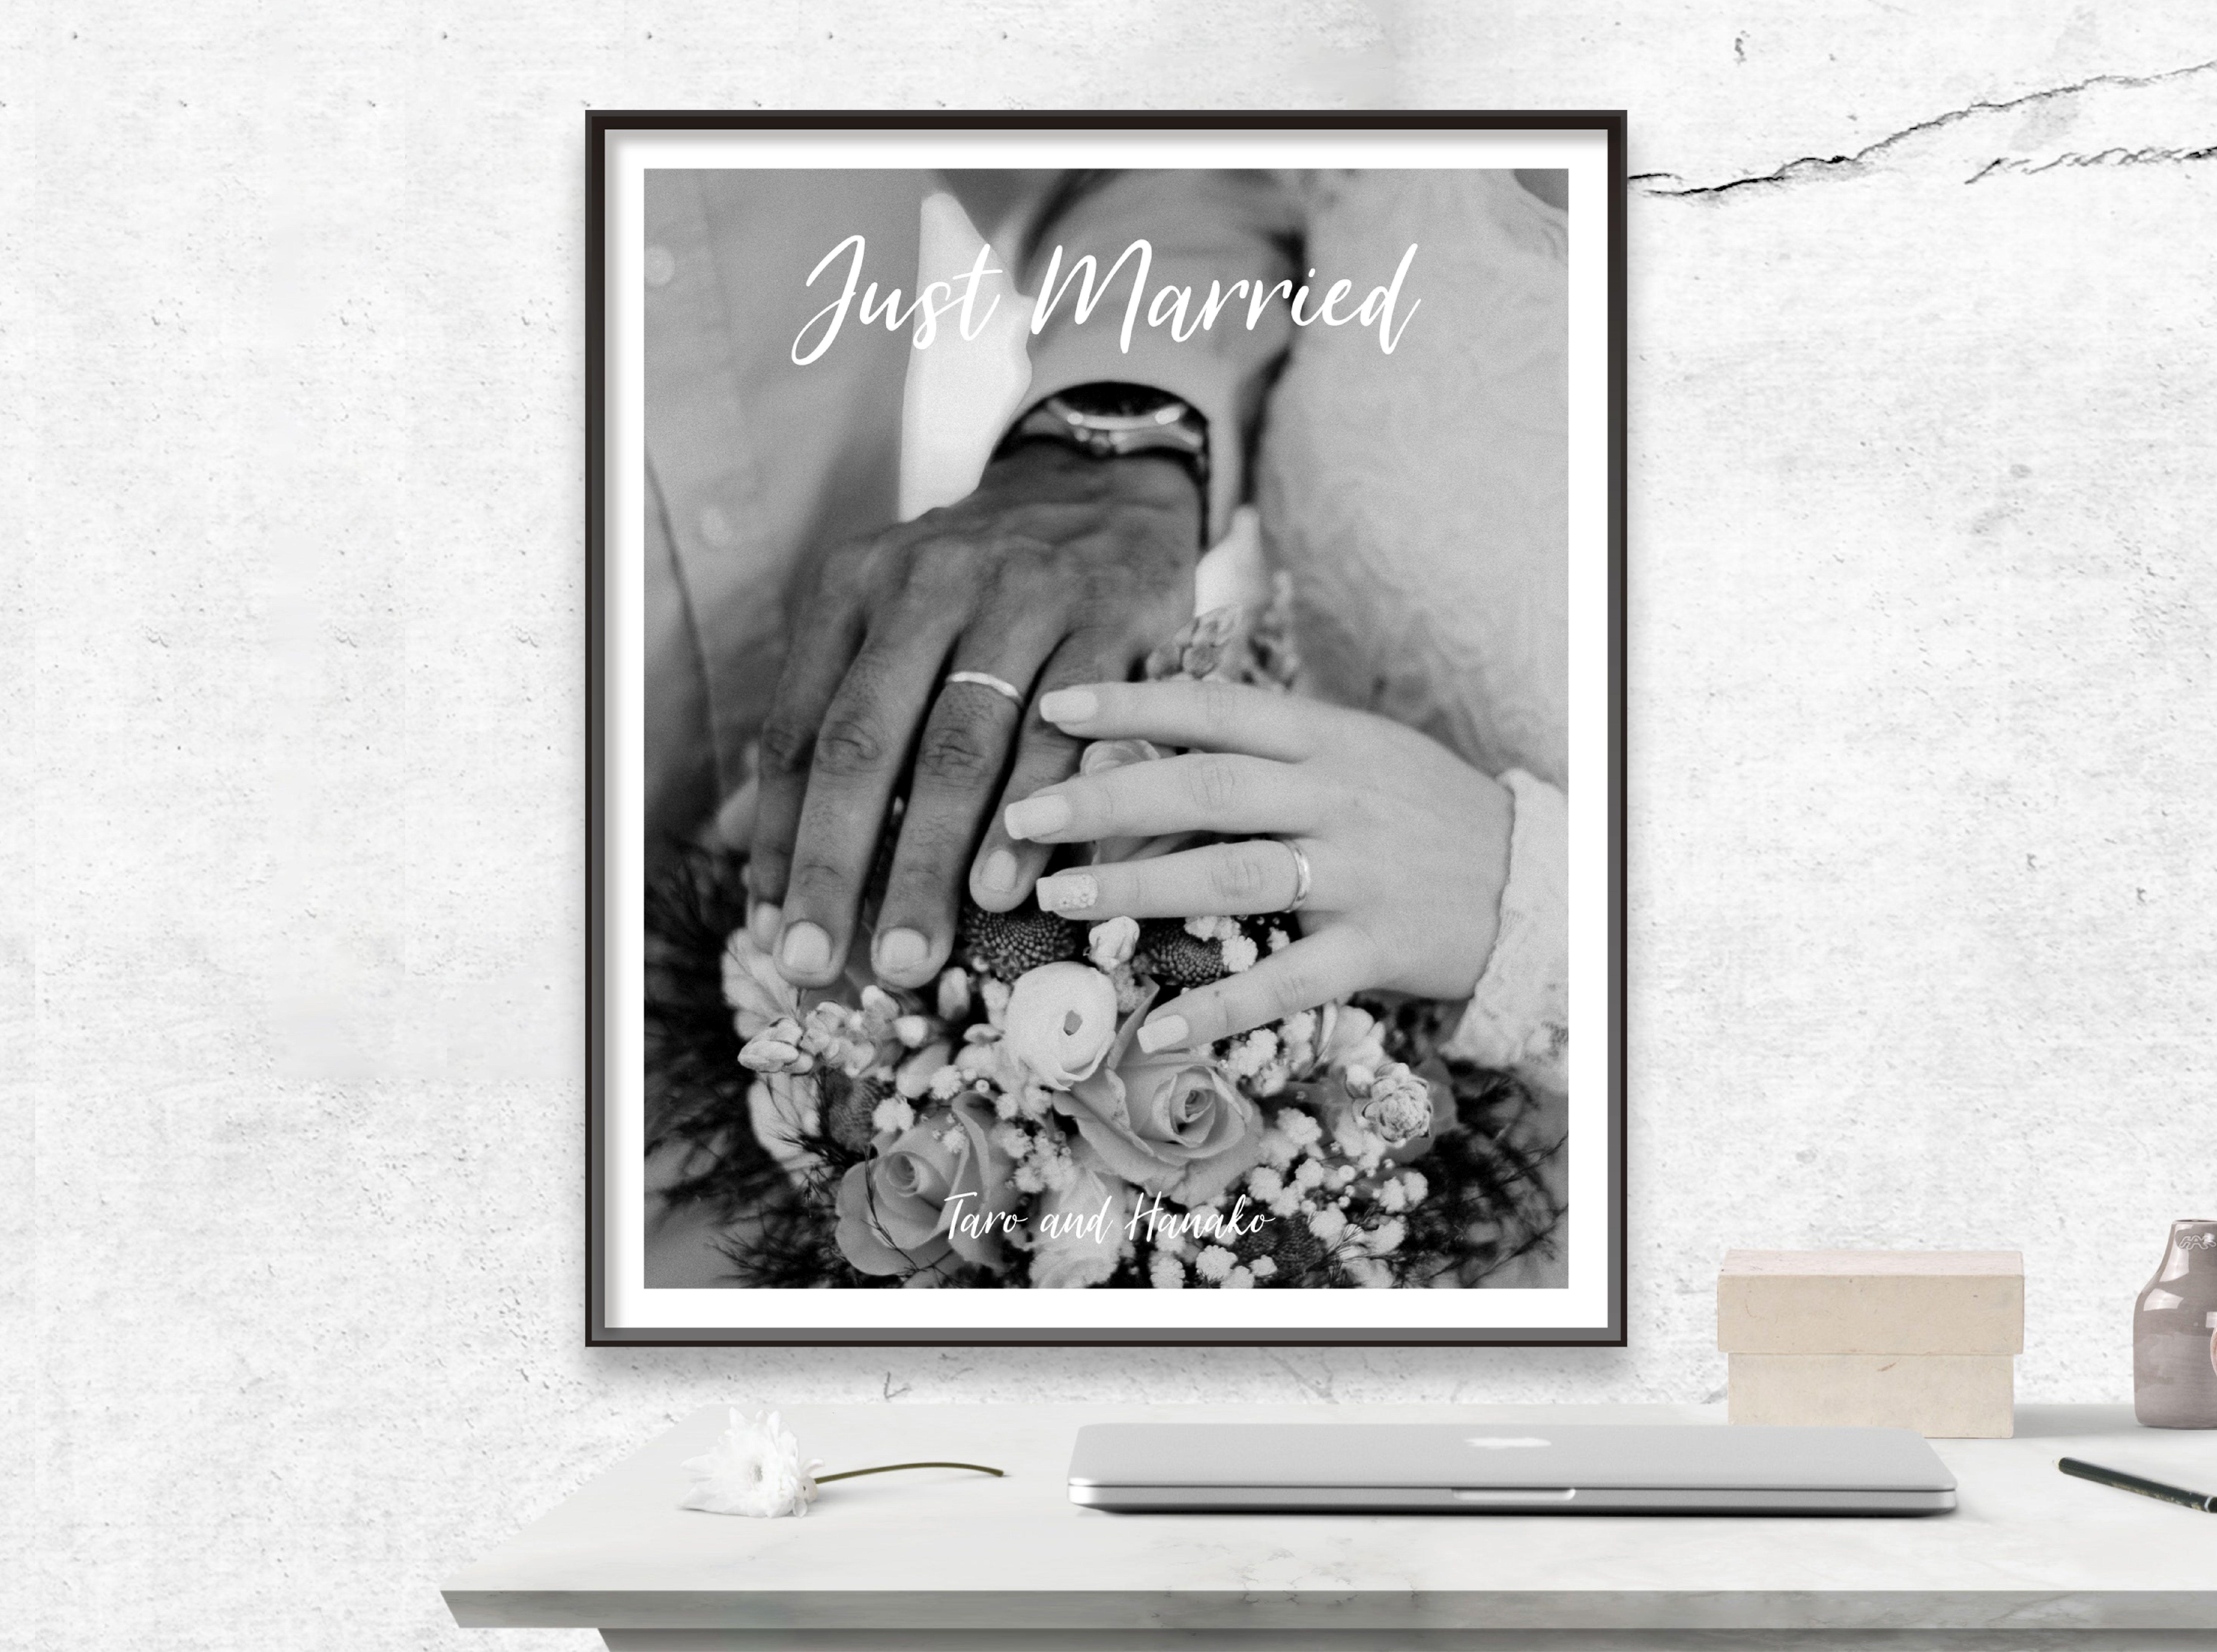 2nd Createさんの作品一覧 結婚式 受付 ウェルカムボード ウェルカムボード 結婚式